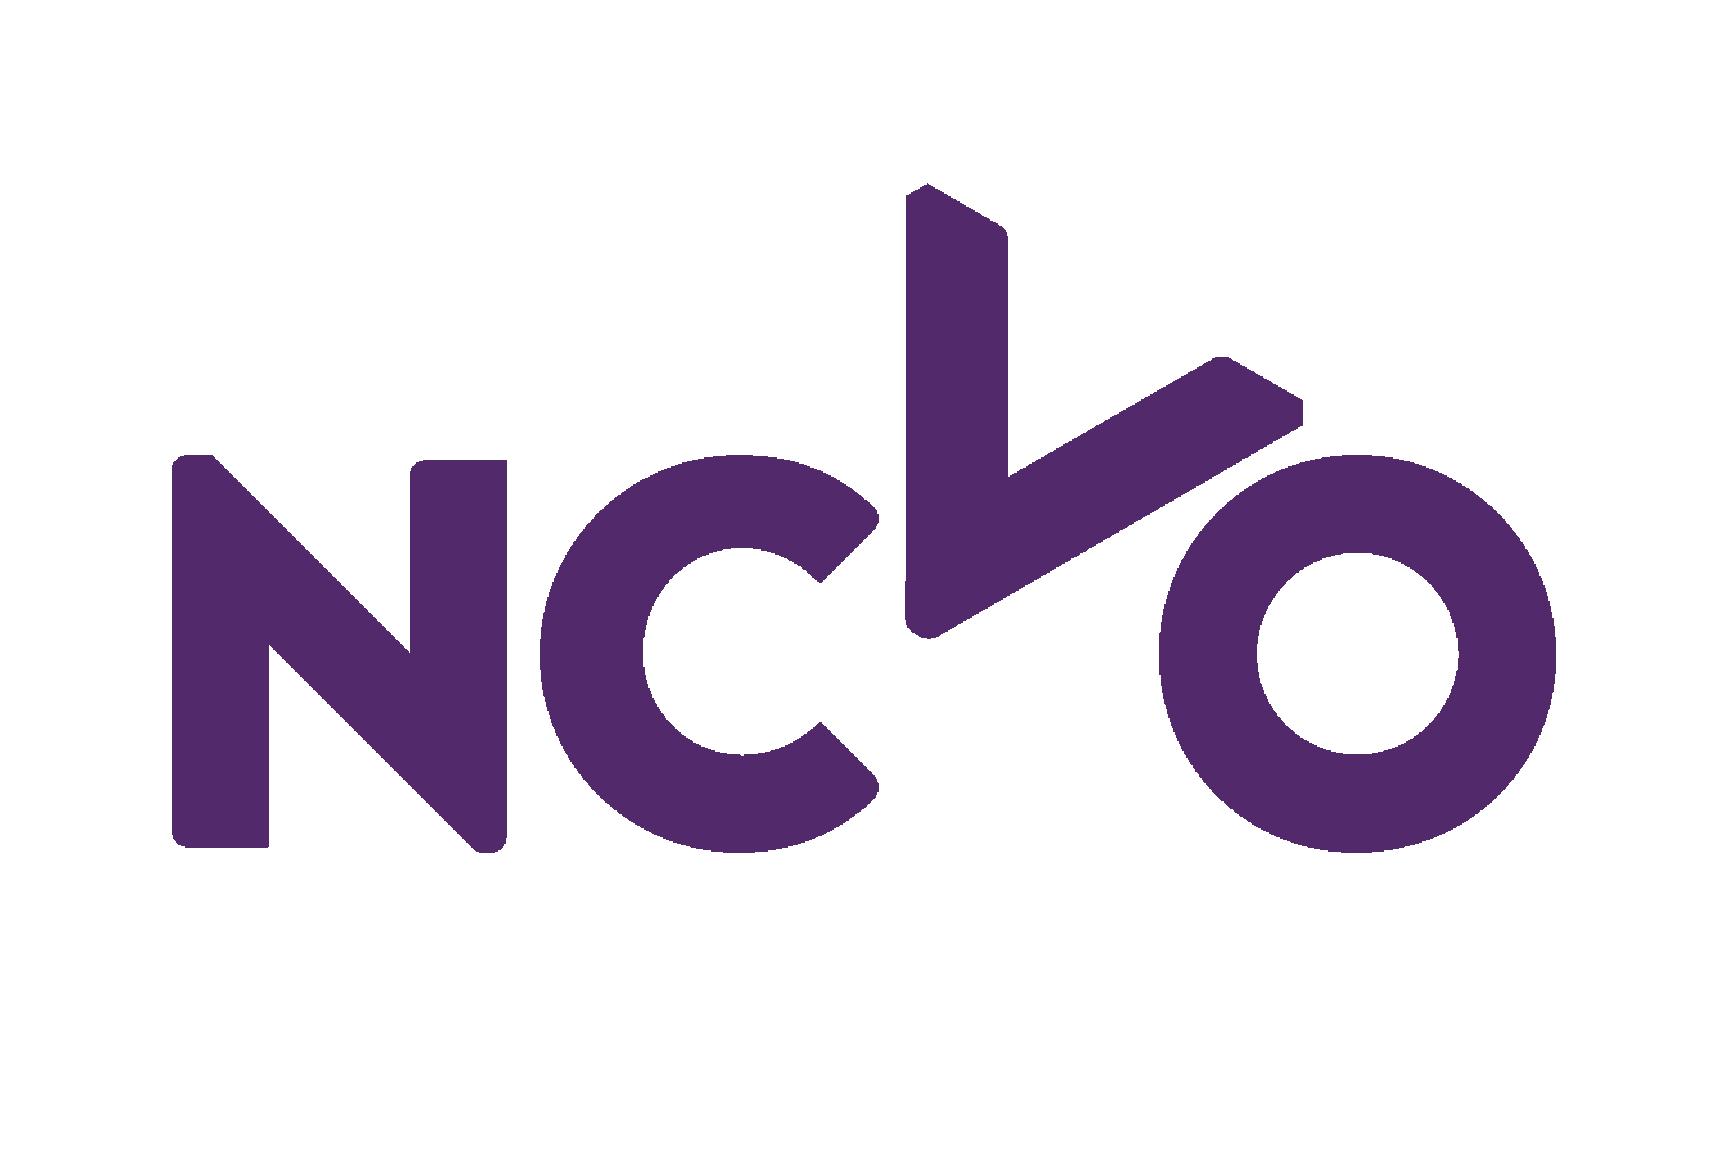 ncvo transparent logo